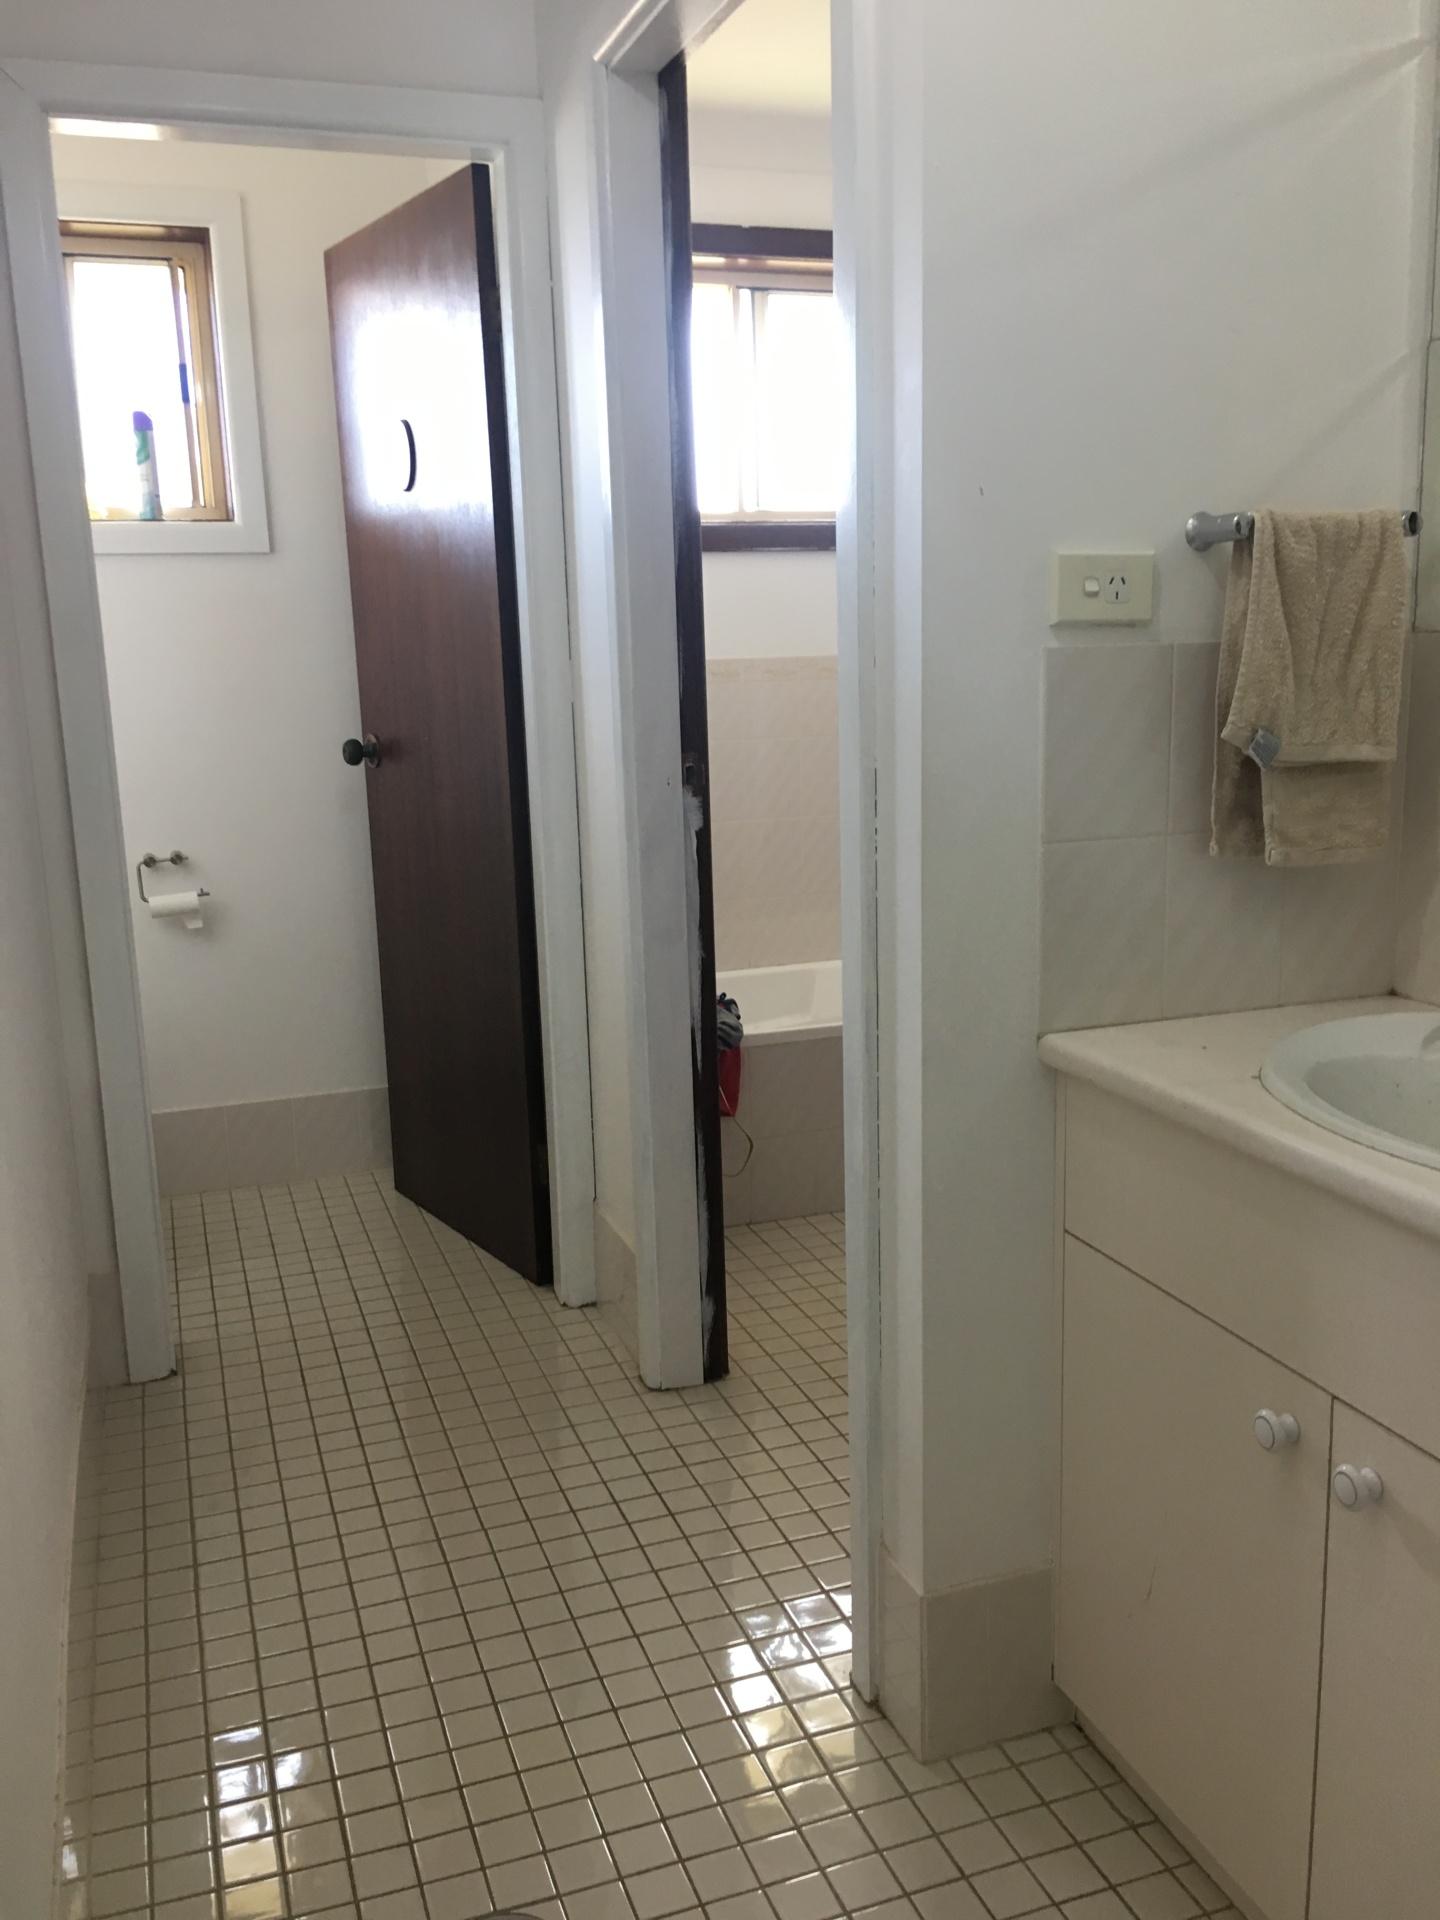 3 Way Bathroom